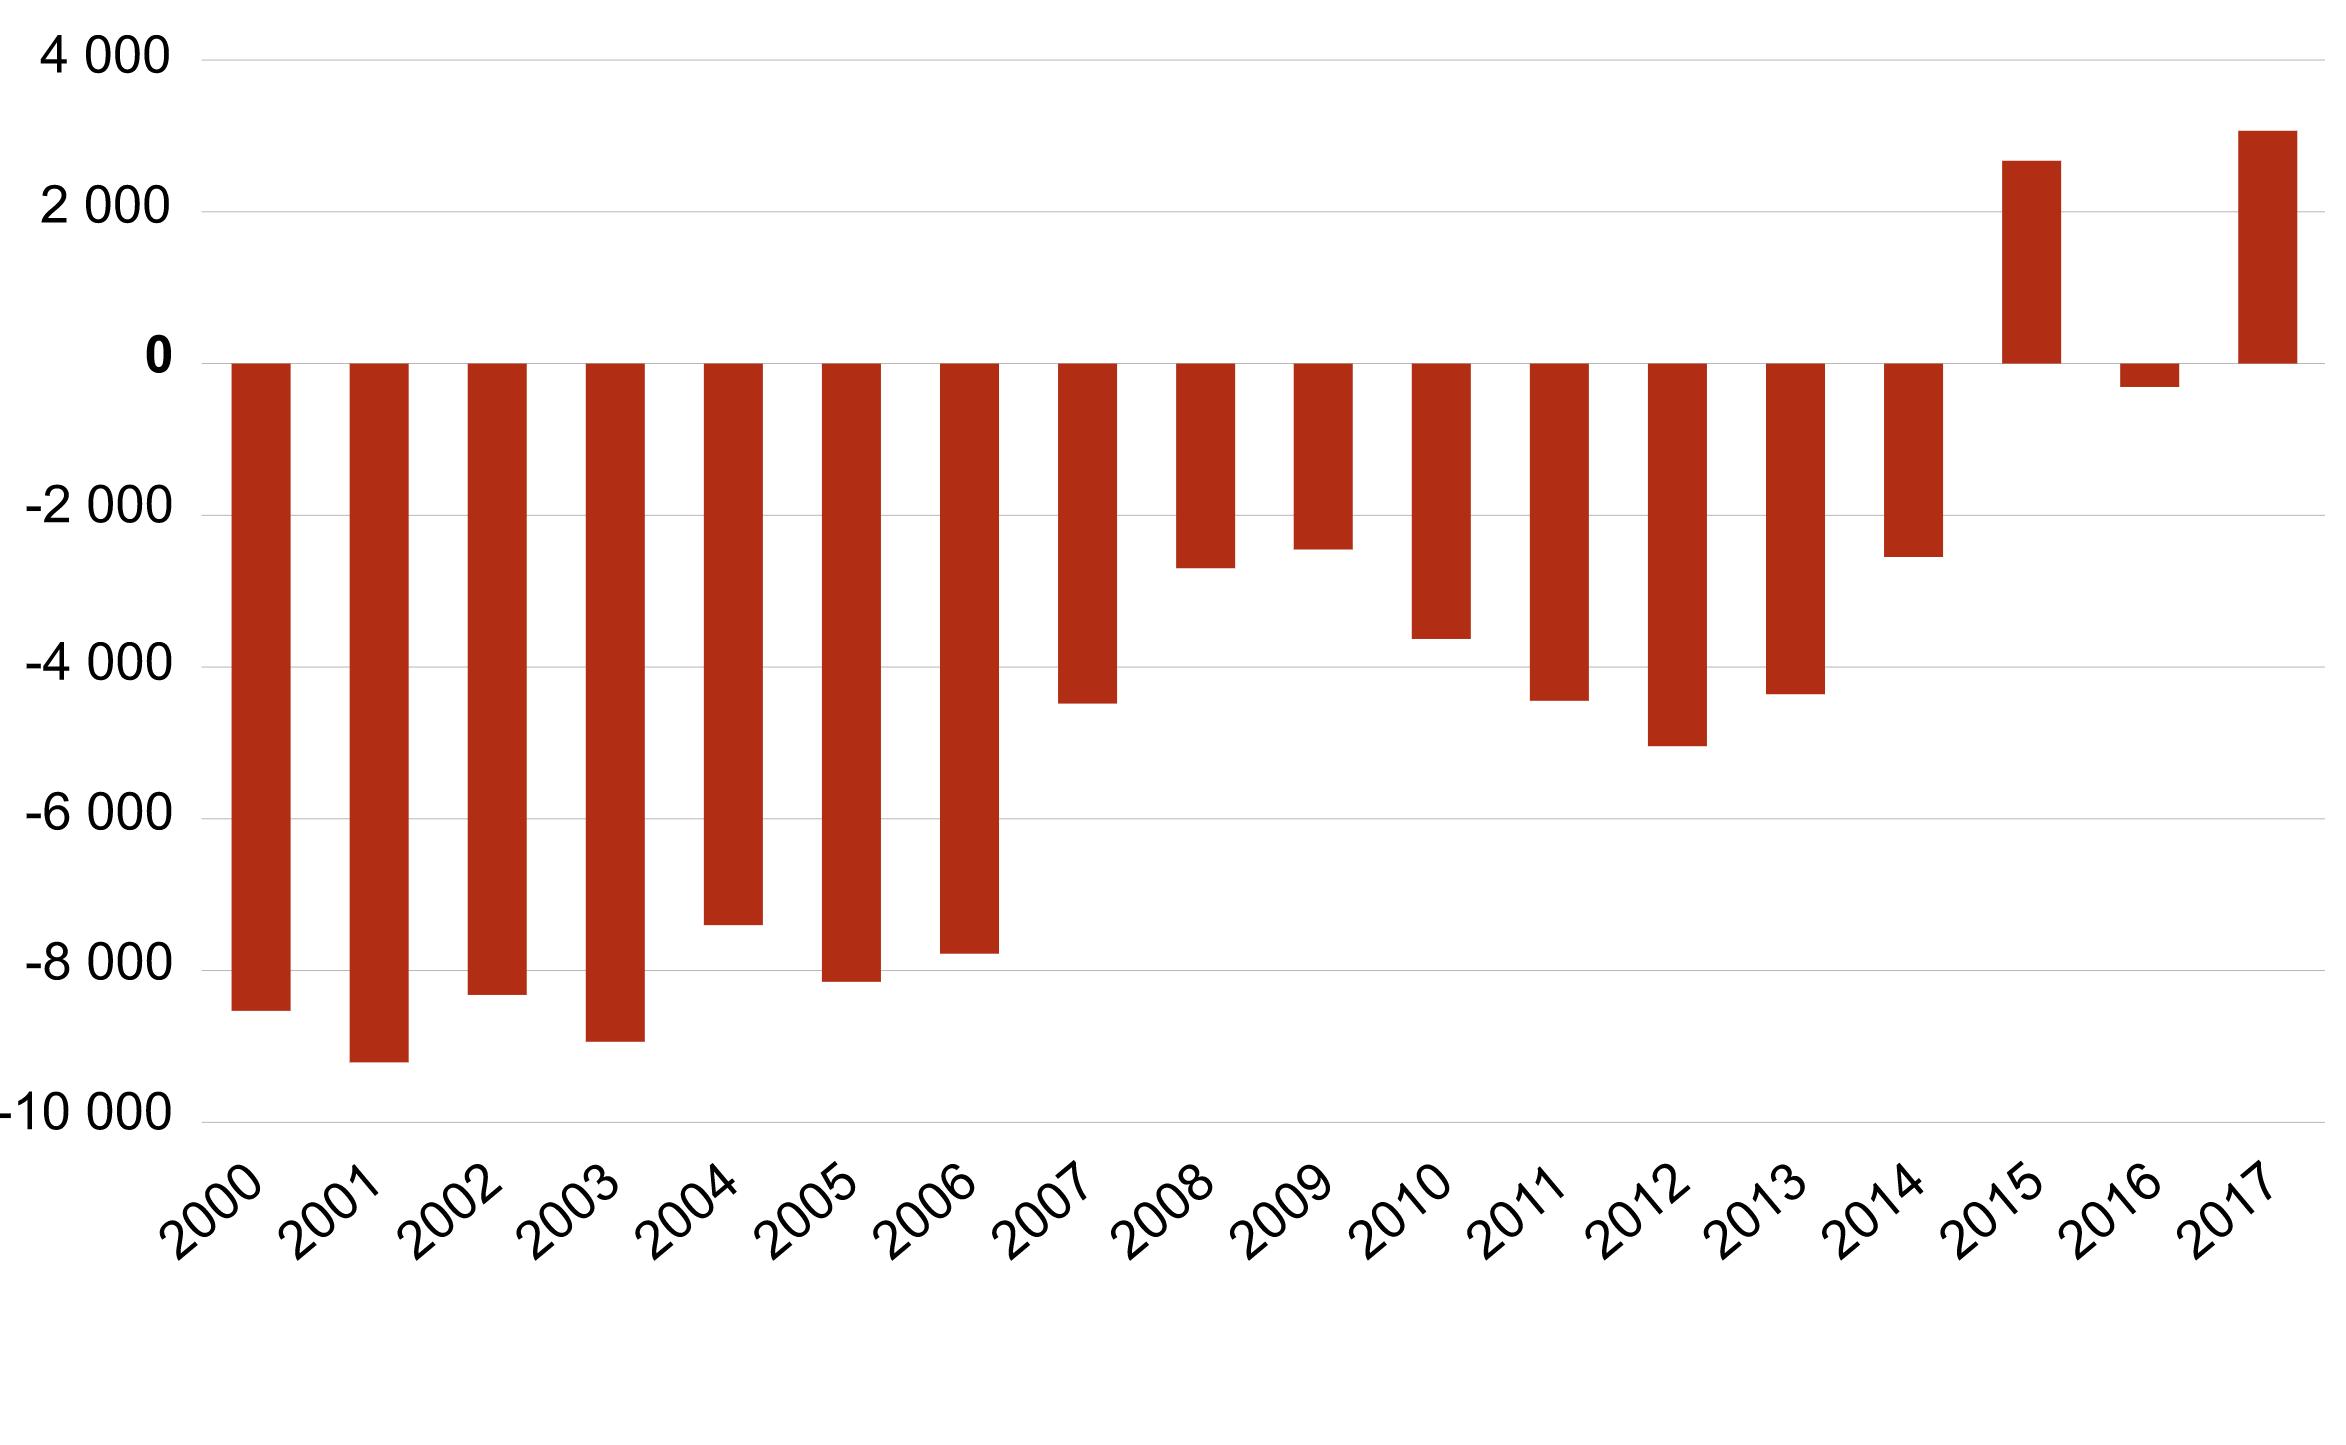 Zmiana liczby ludności Estonii w latach 2000-2017. Dla roku 2017 - dane szacunkowe. Źródło: Estoński Urząd Statystyczny.